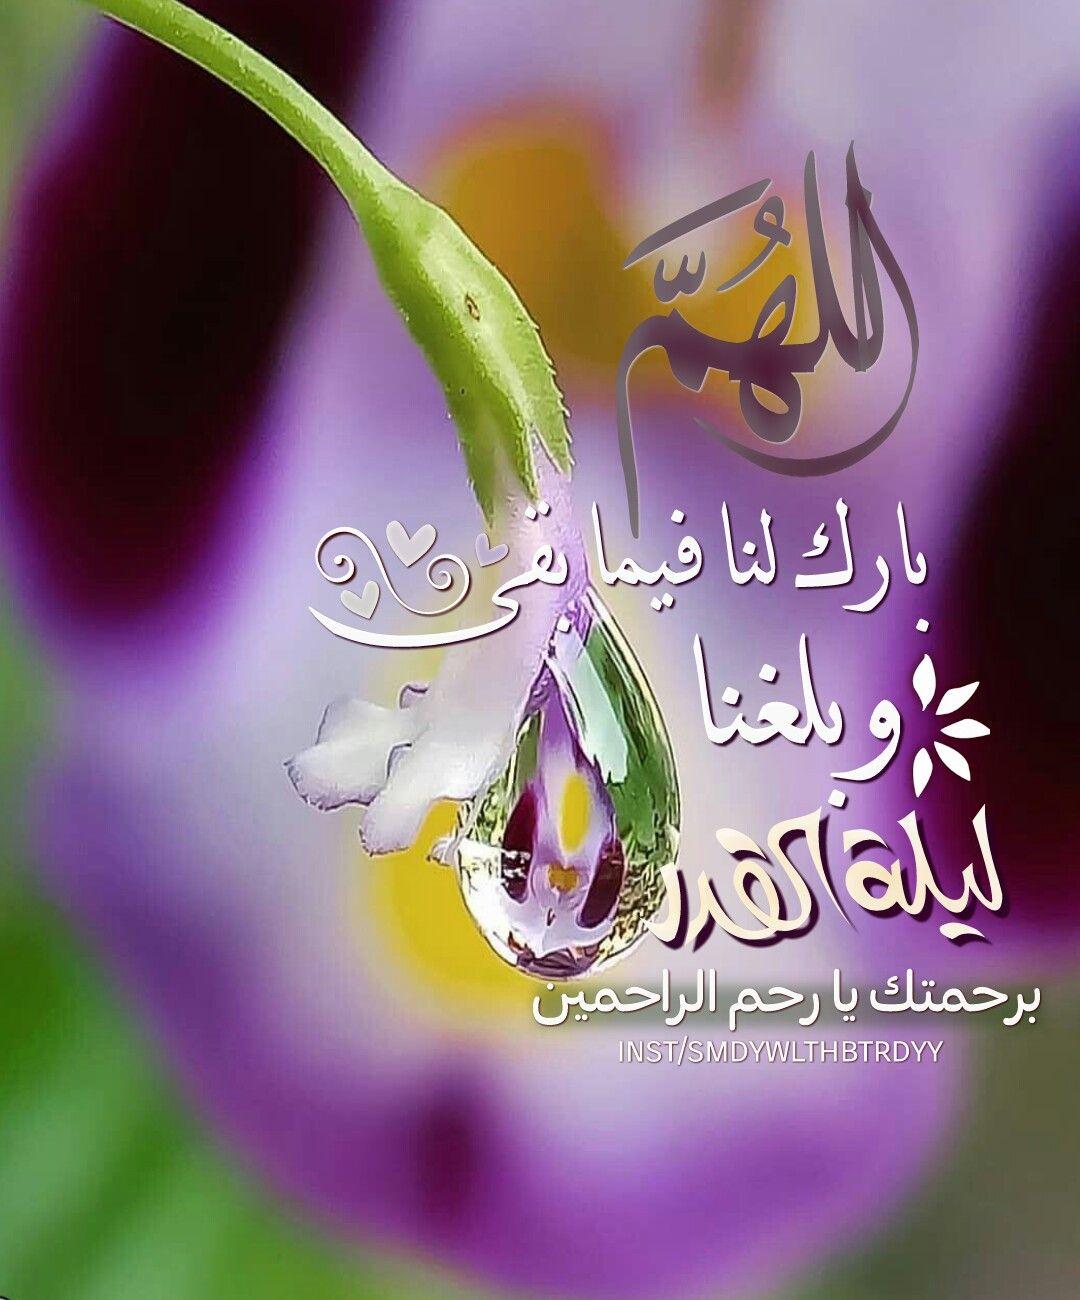 مهلا ضيفنا الغالي مهلا لياليك إطمئنان و ثوانيك راحة للبال مهلا لا ت سرع في خ طاك فالقلب لا يزال عطشان Ramadan Pics